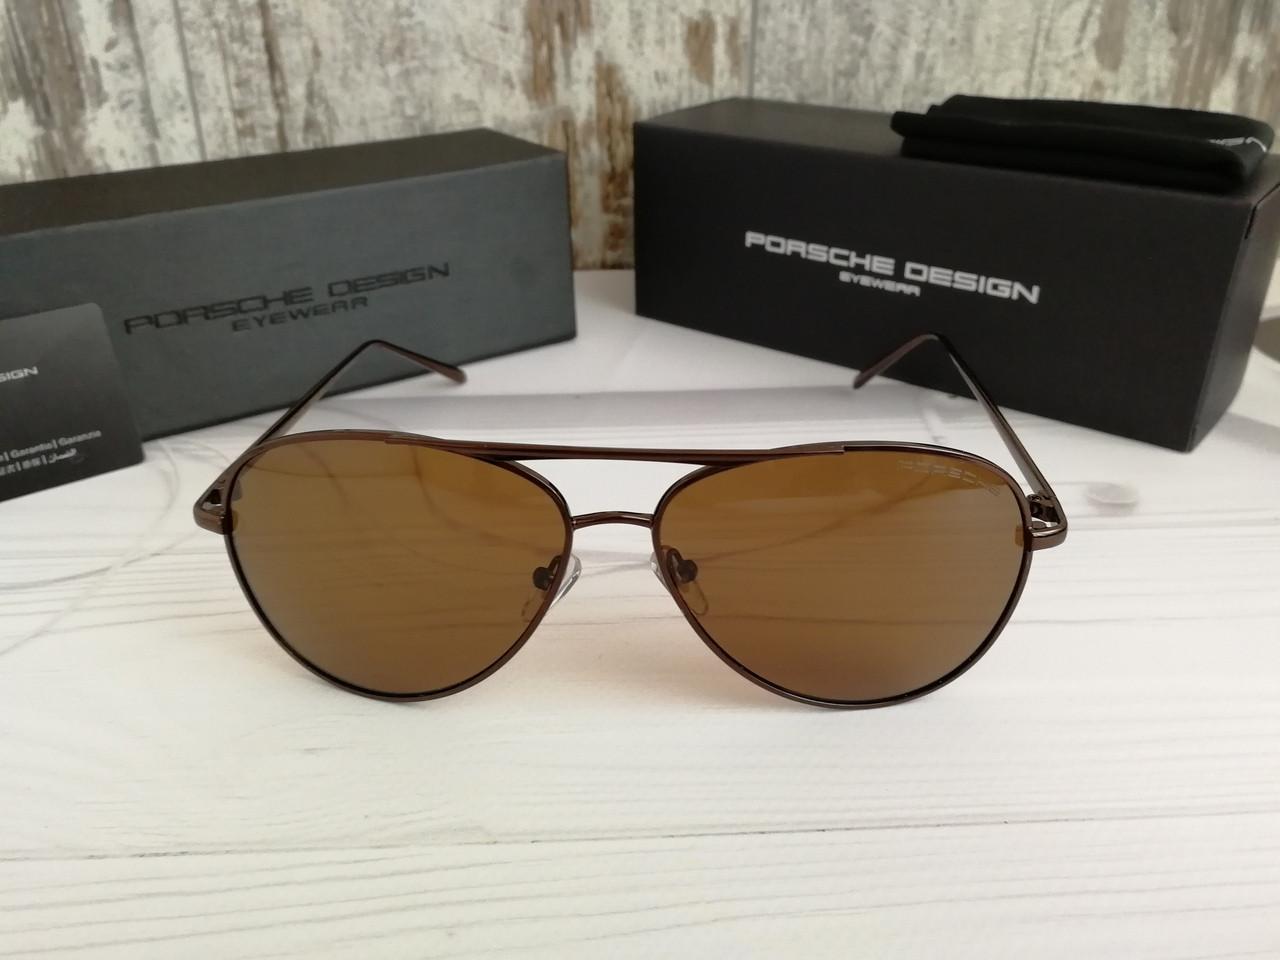 Очки мужские солнцезащитные Porsche (окуляри чоловічі сонцезахисні).